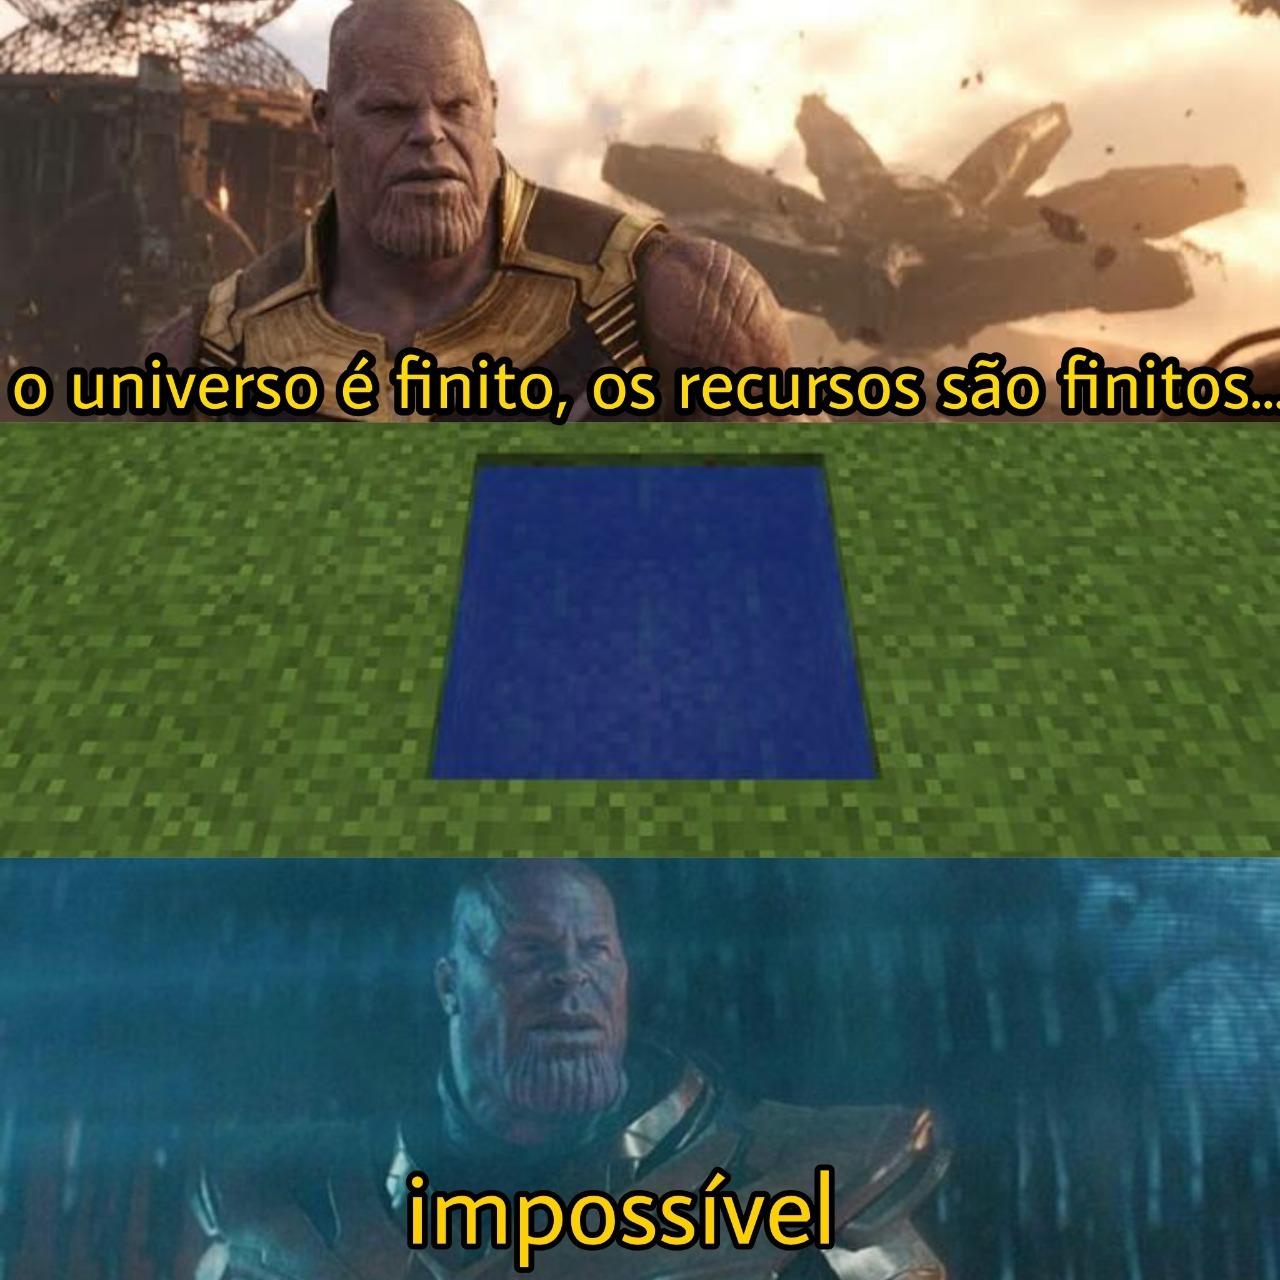 Impossible - meme